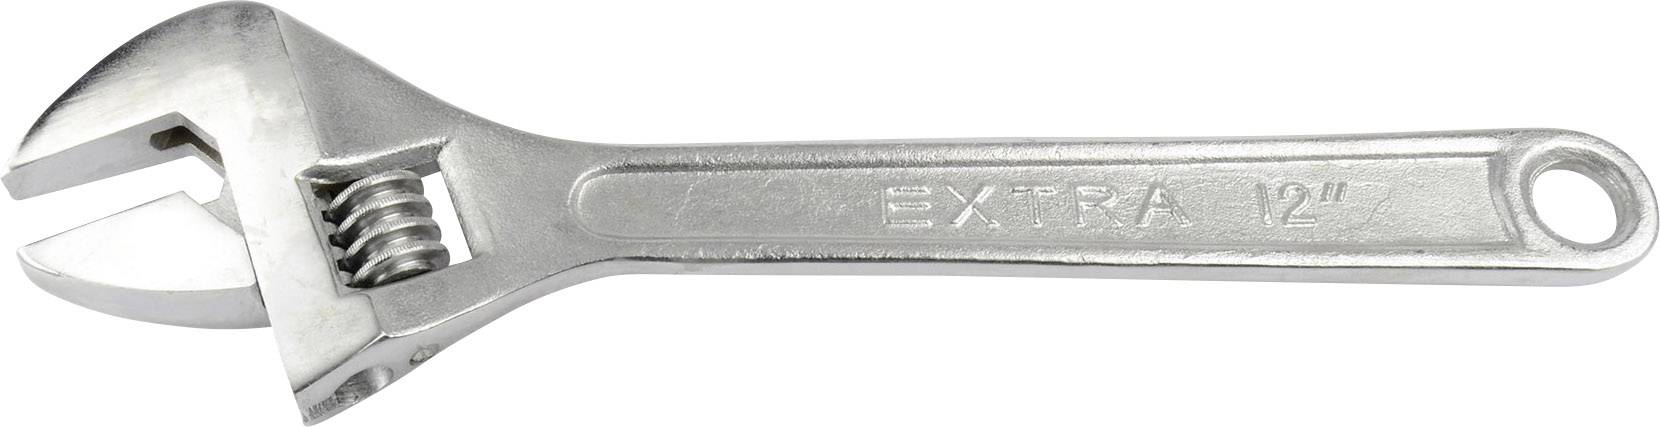 Nastavitelný klíč Mannesmann, 0 až 35 mm, délka 300 mm